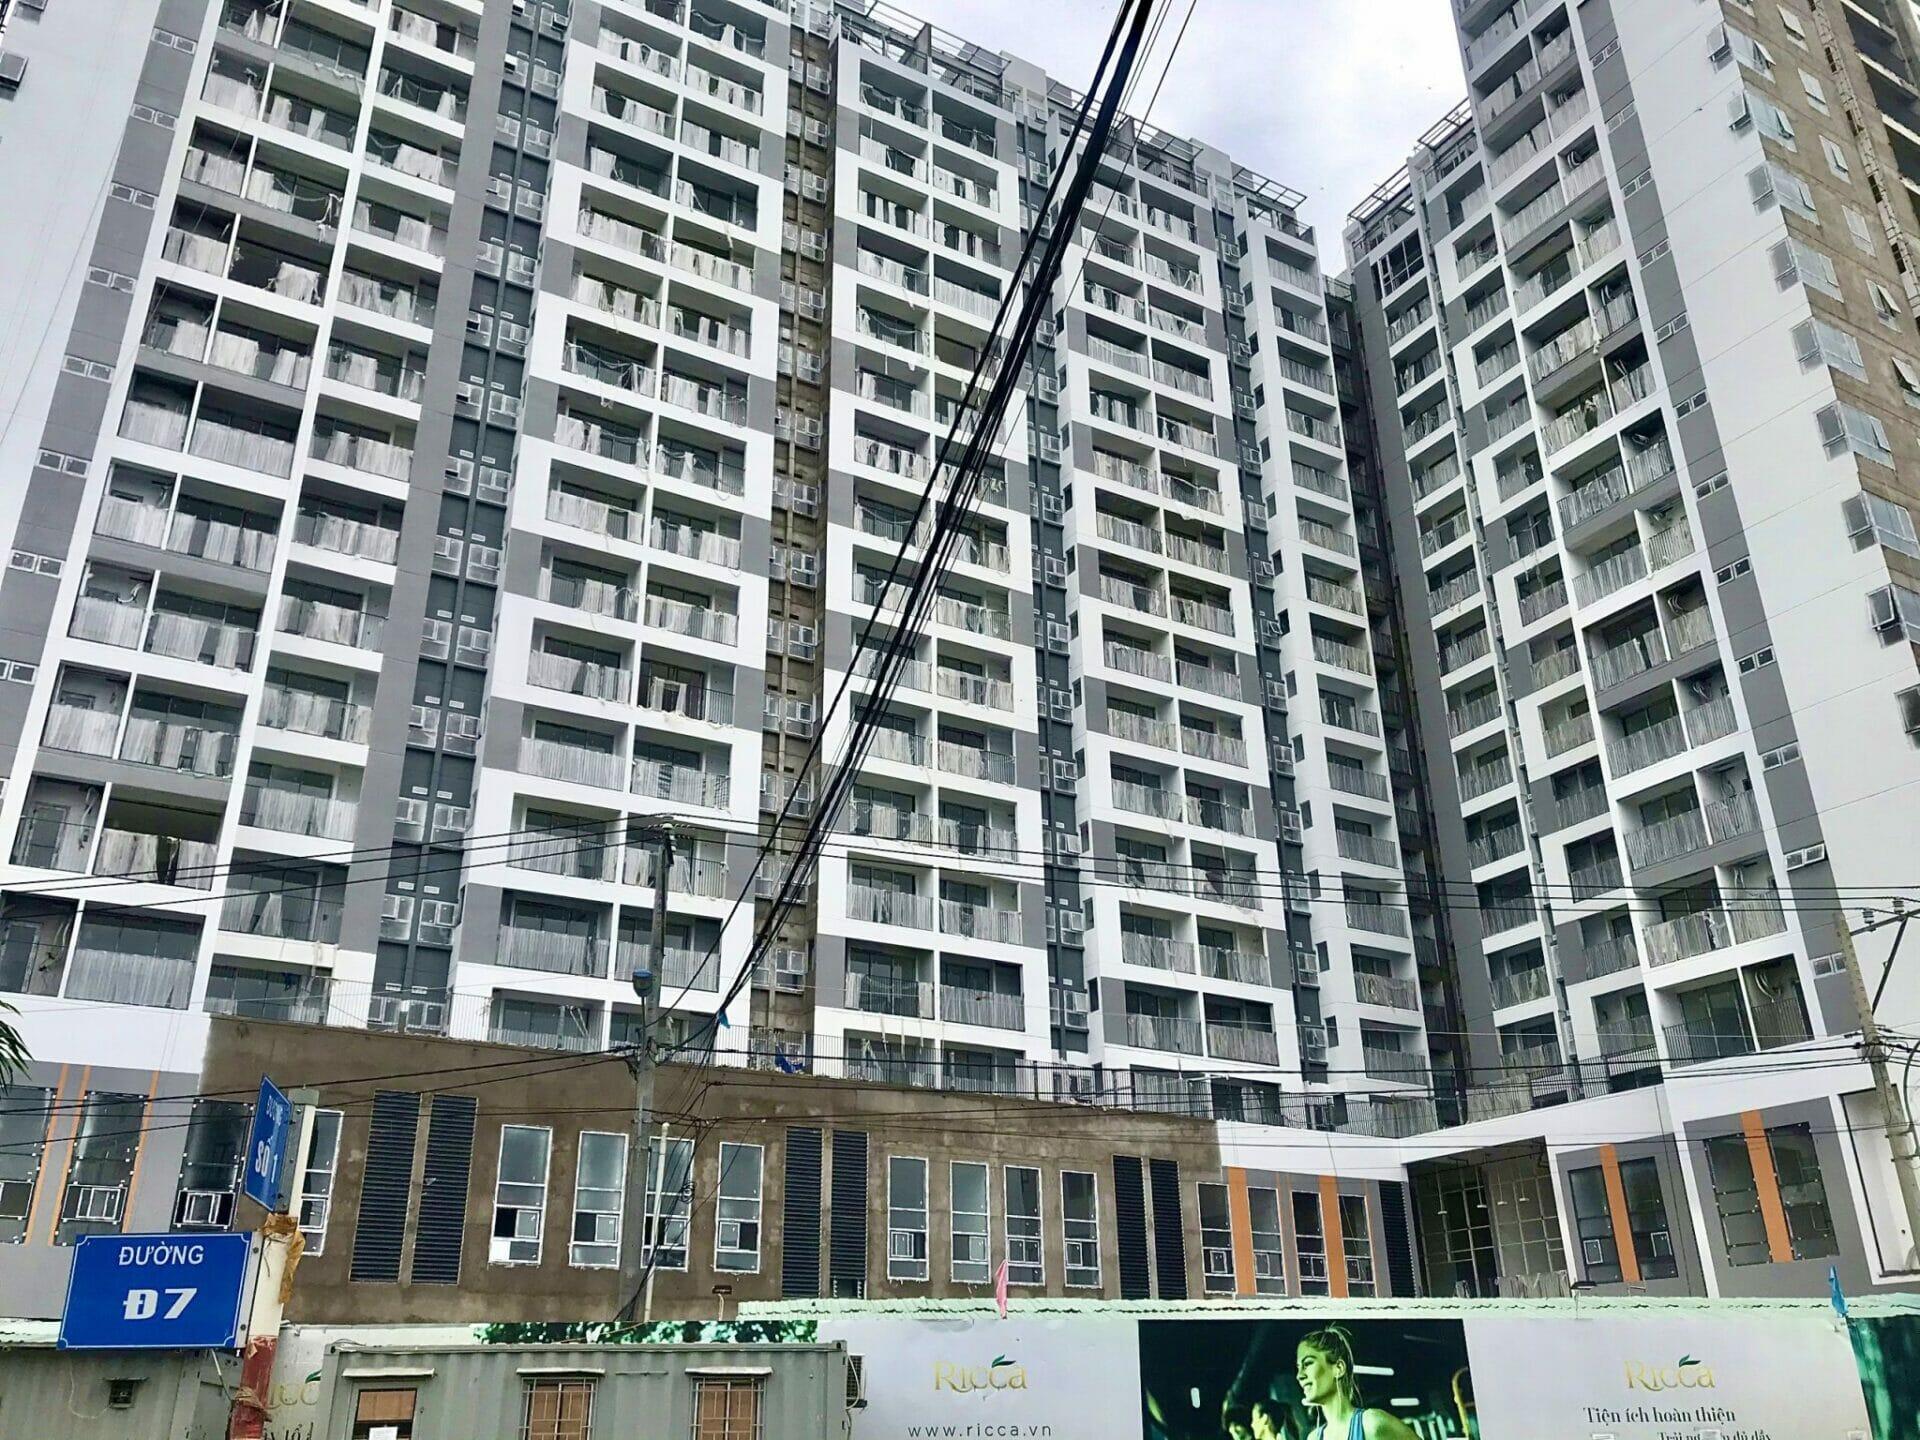 Tiến độ hoàn thiện dự án căn hộ Ricca quận 9